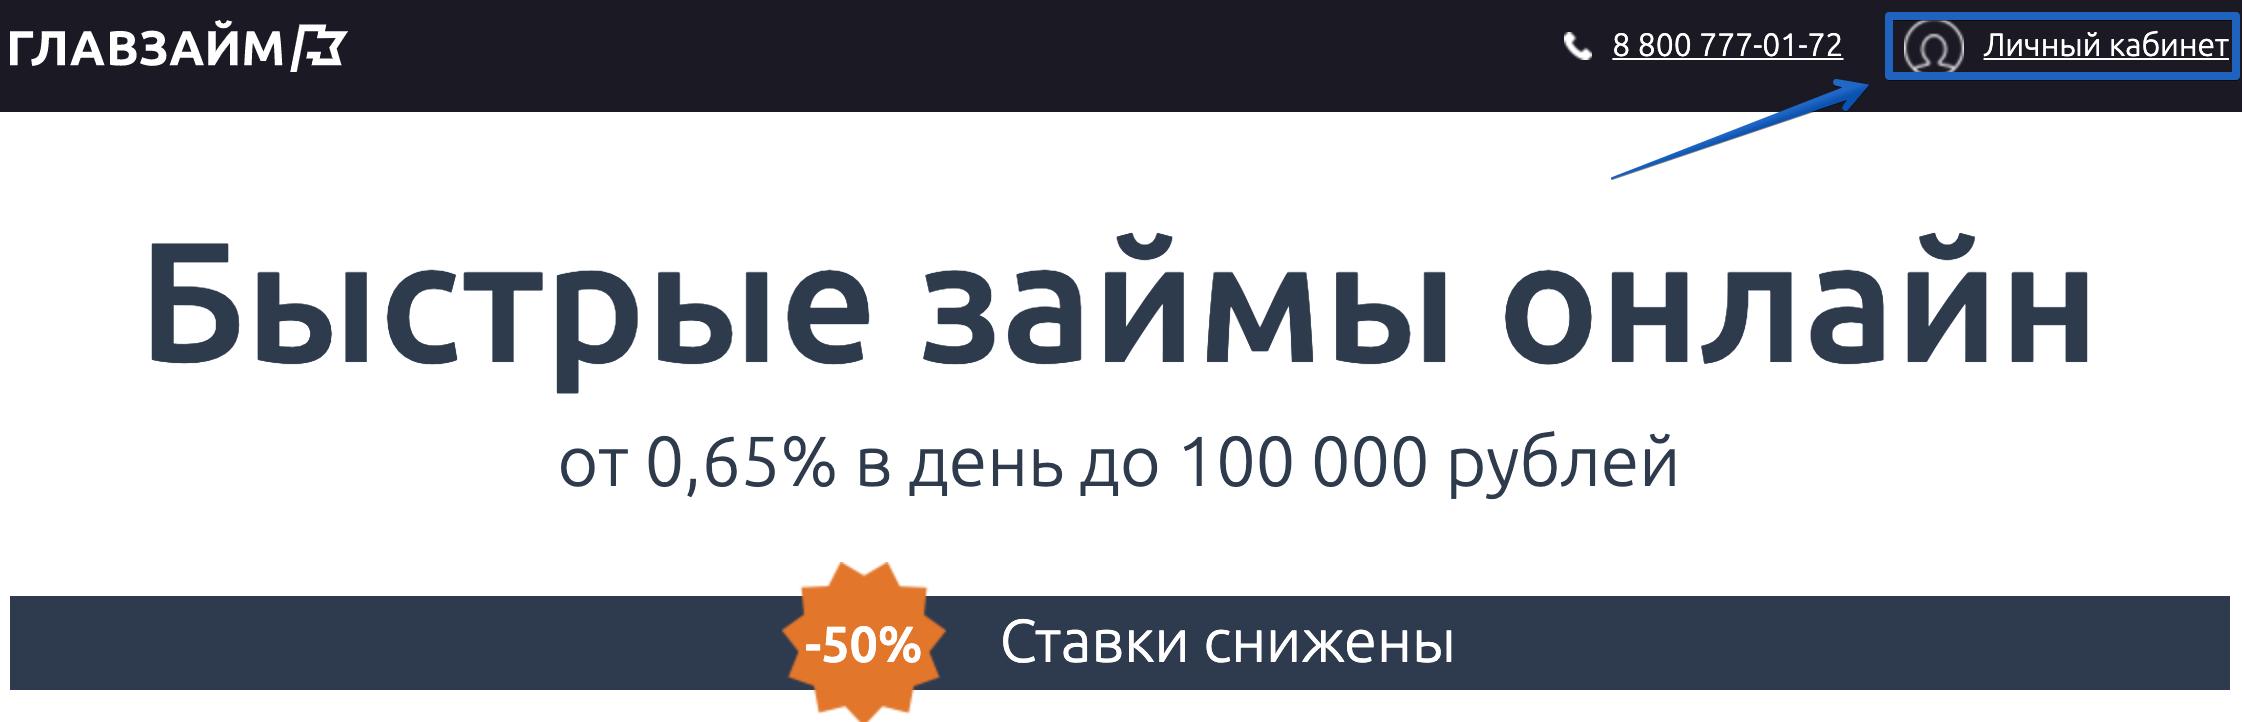 Сбербанк 500 тыс кредит